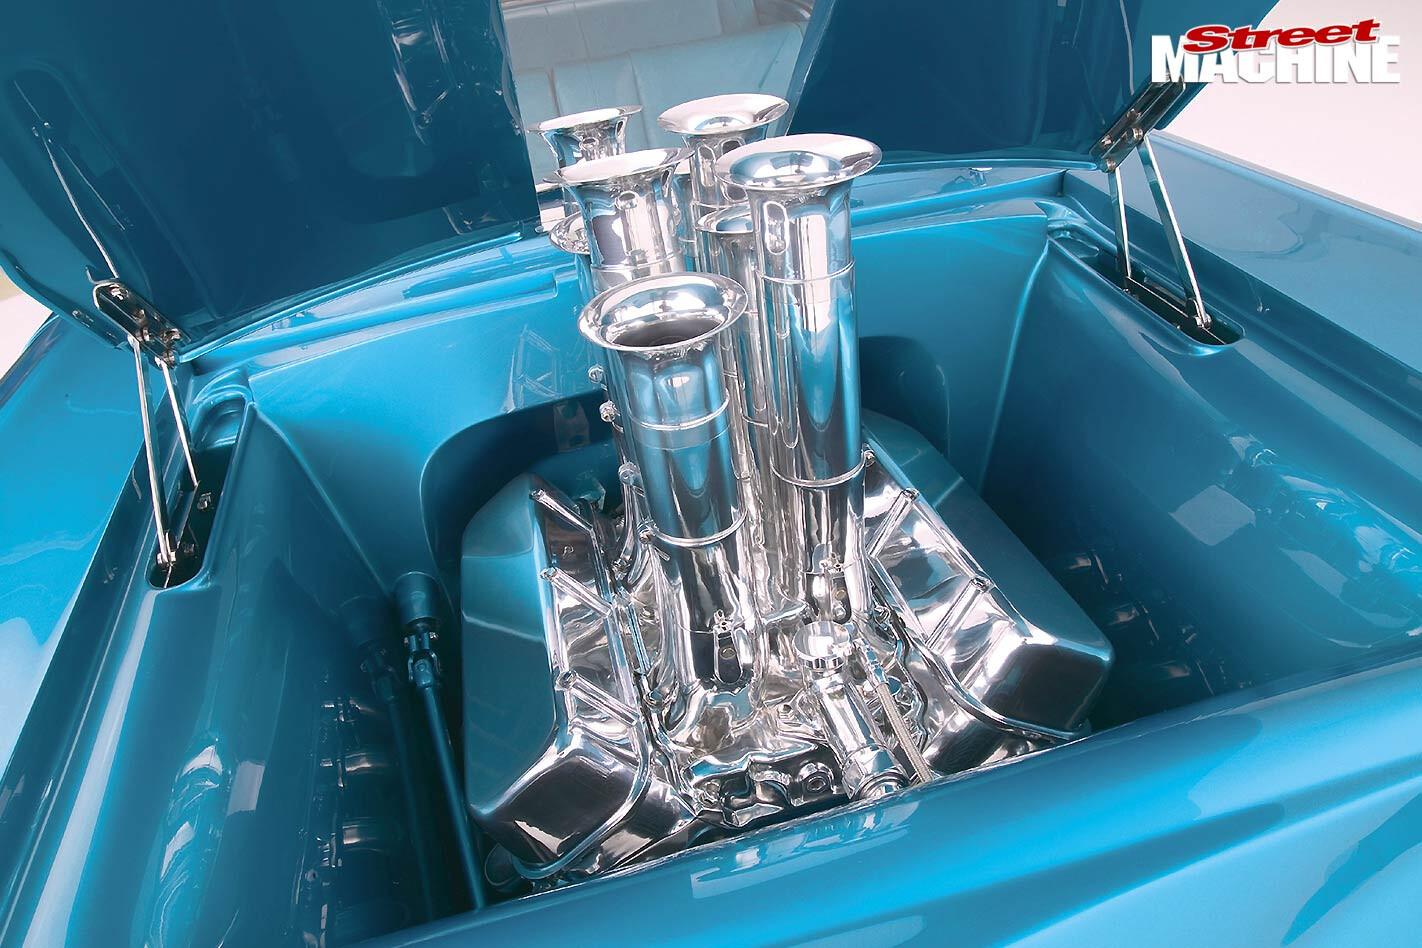 1957 Chev engine bay